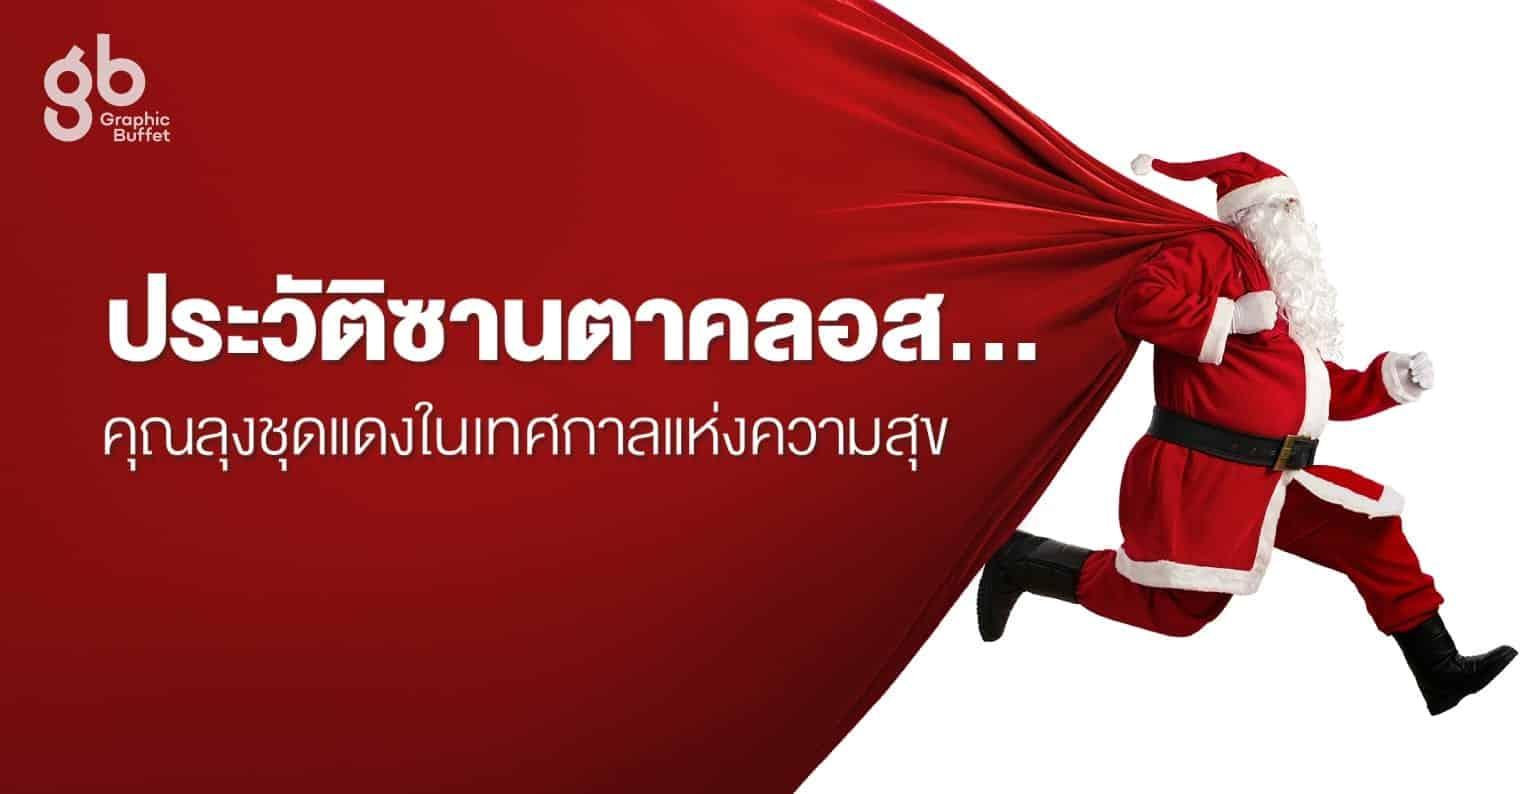 ประวัติซานตาคลอส...คุณลุงชุดแดงในเทศกาลแห่งความสุข